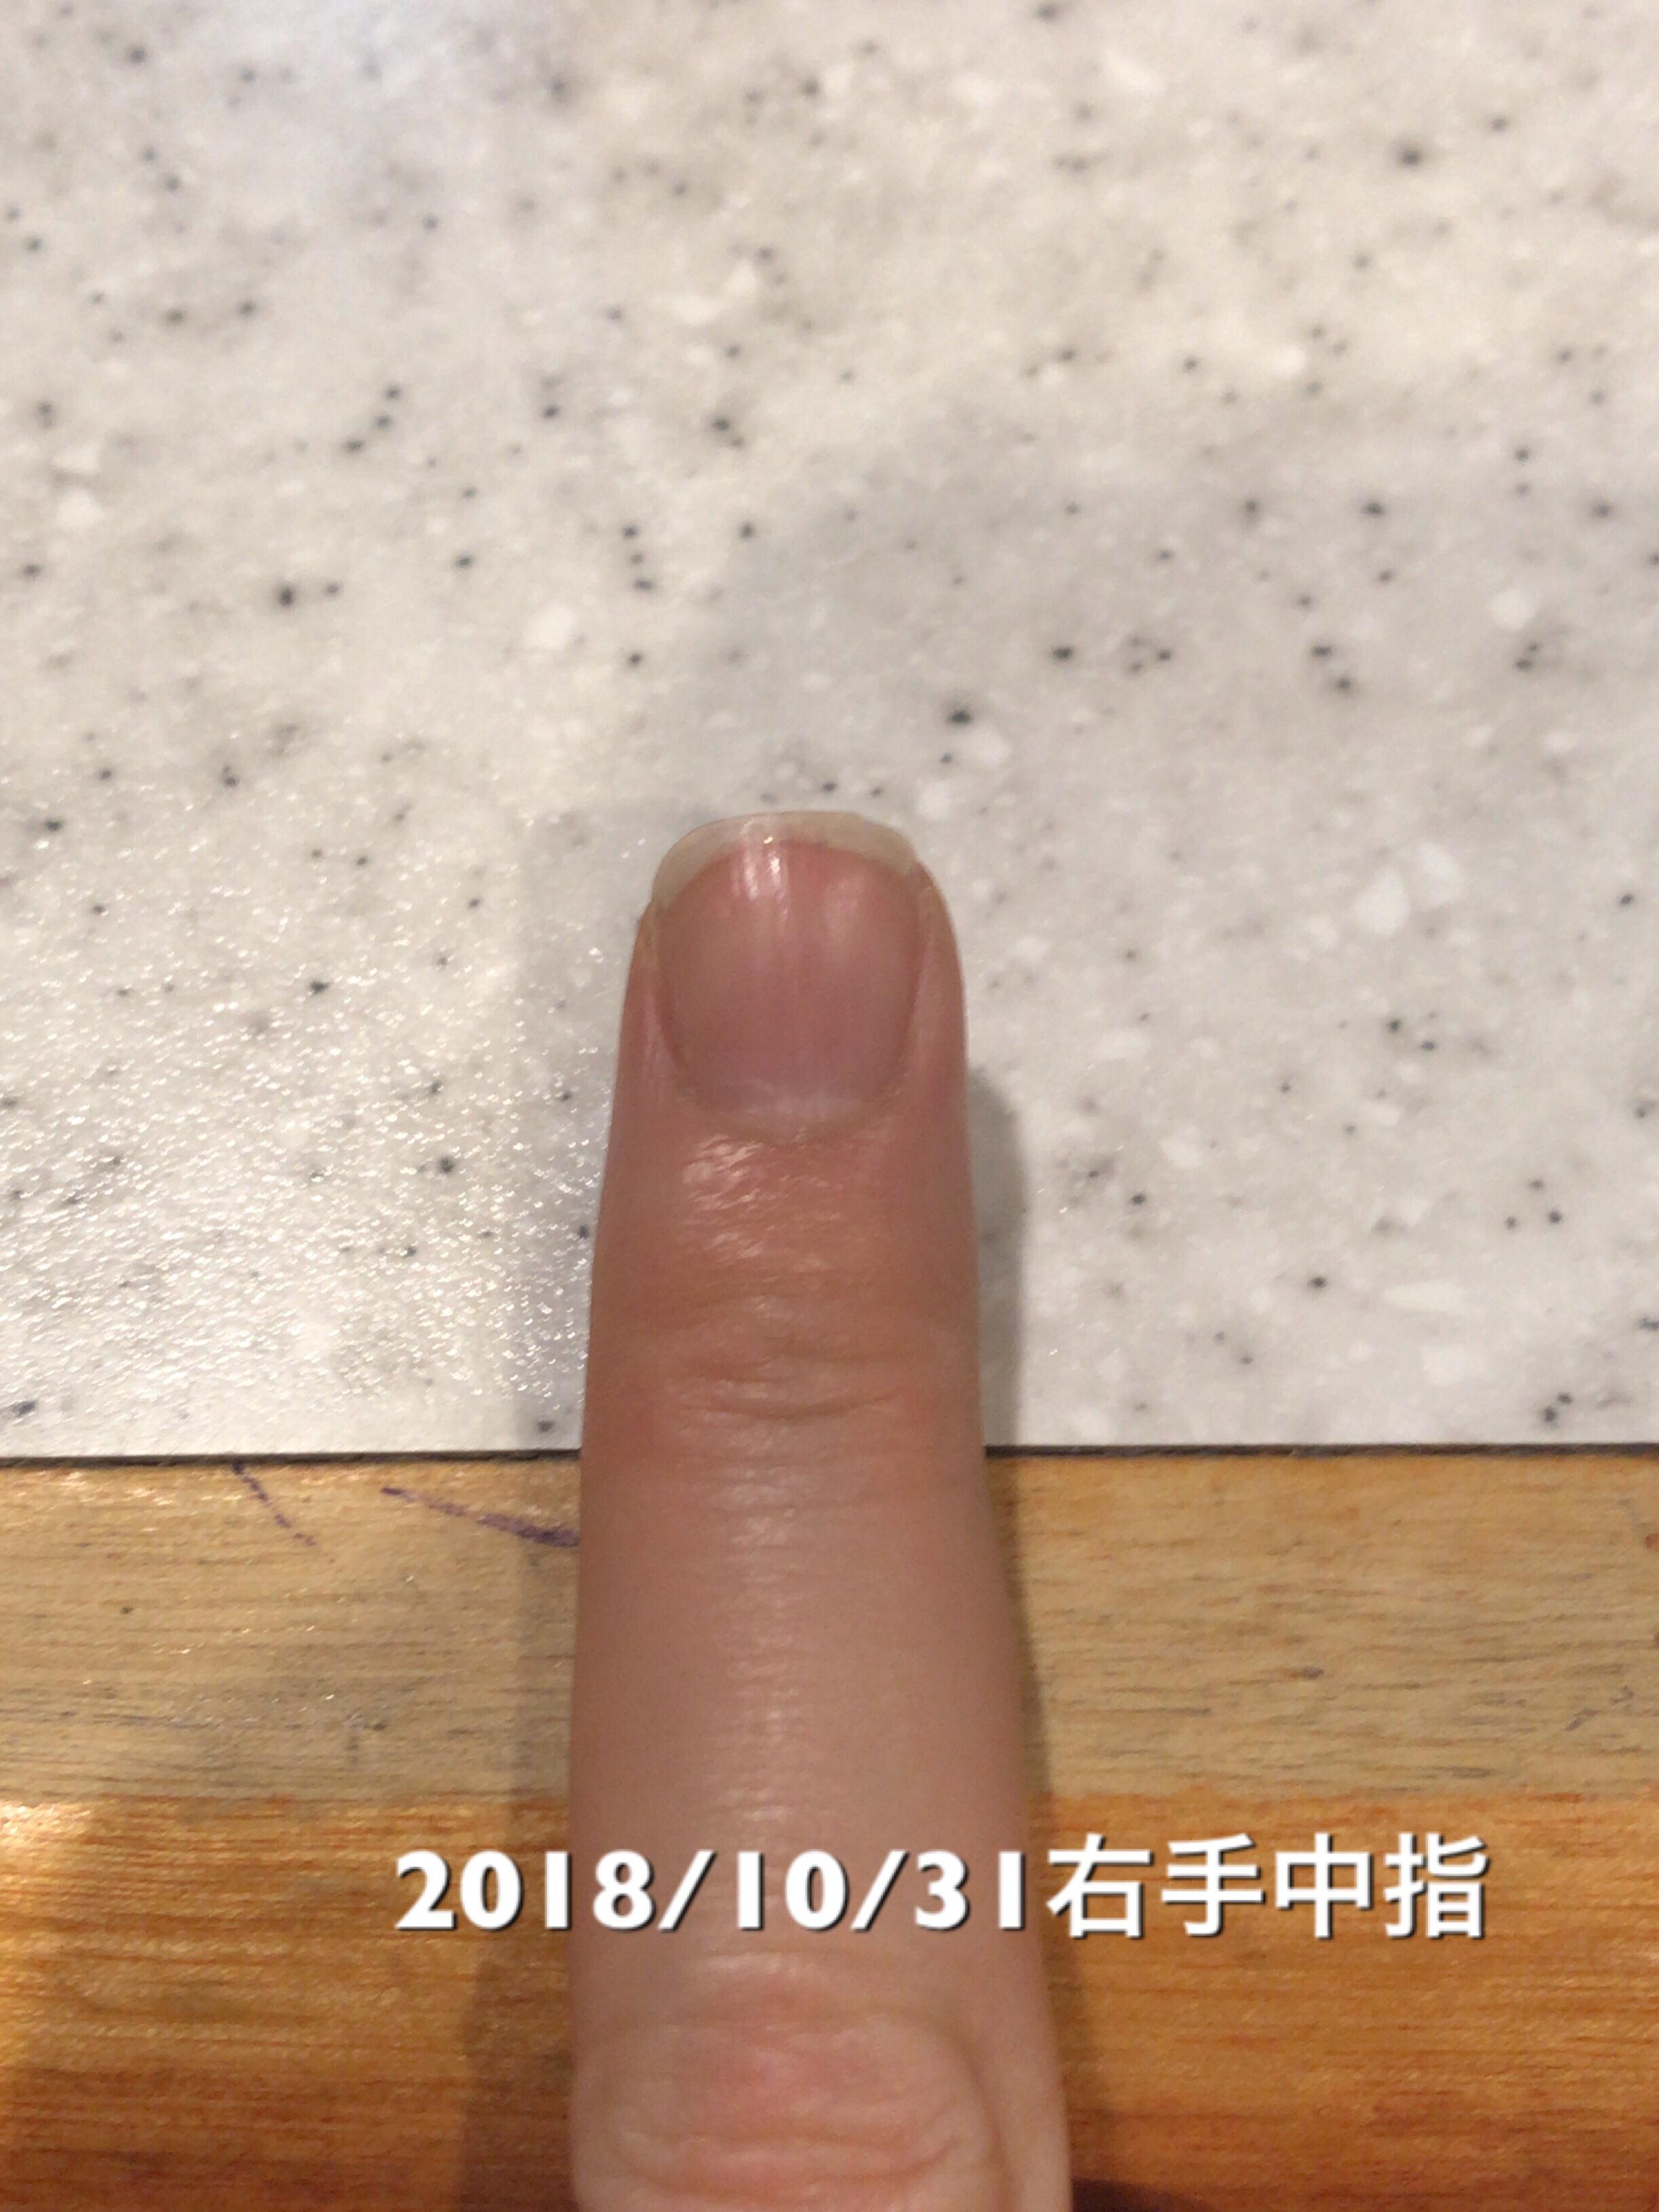 右手中指は、10日前との比較で、ネイルベッドが2mmの成長。